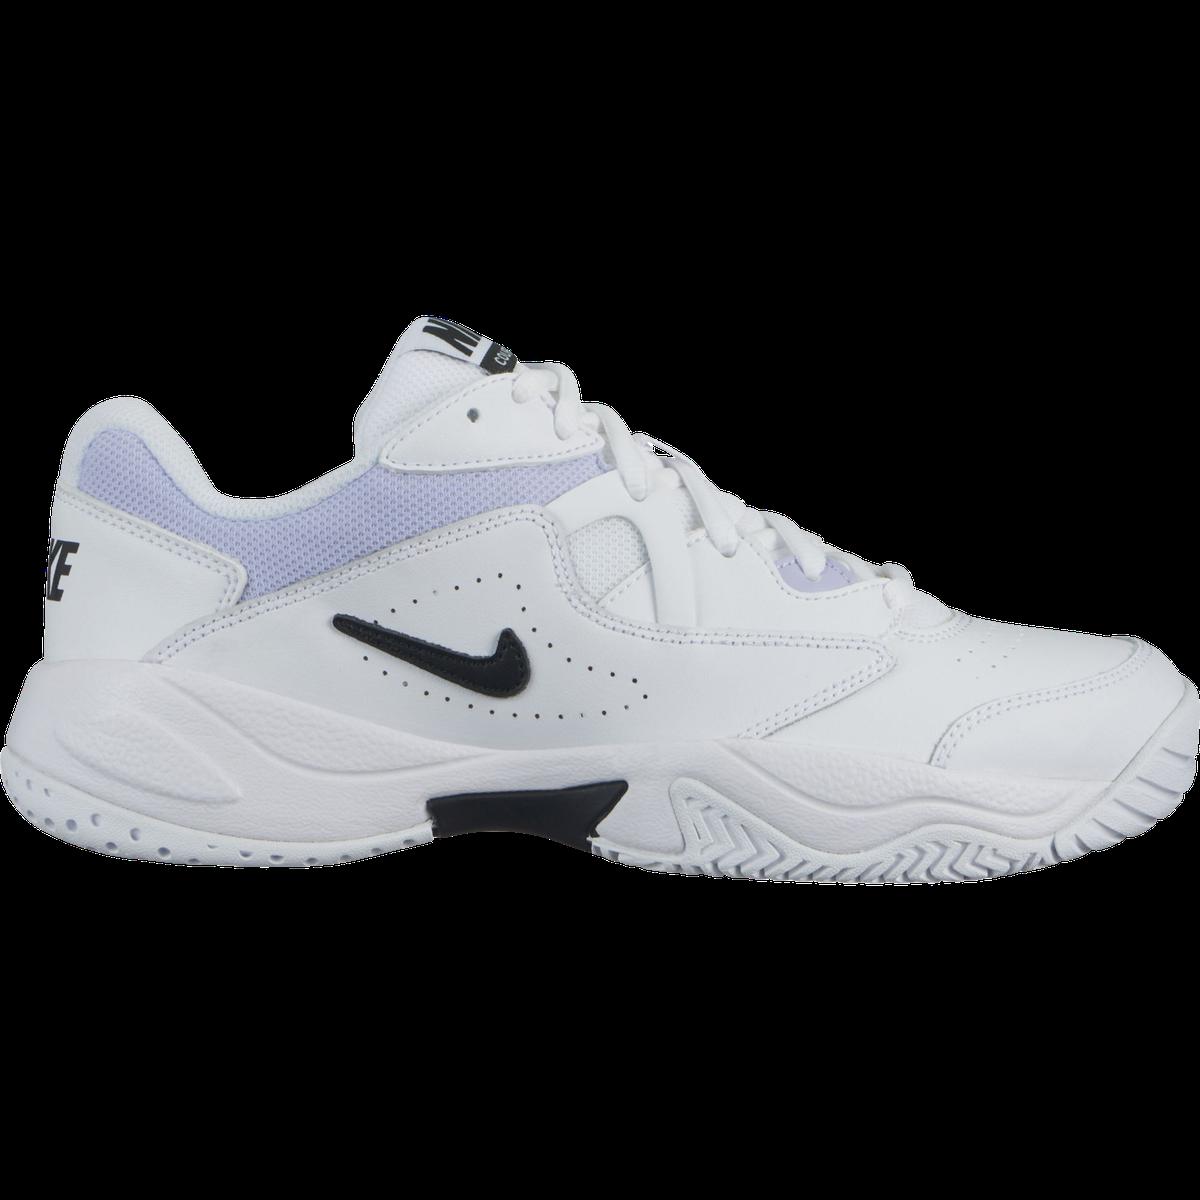 Nike Court Lite 2, Tennisschuh, Damen - Weiss - Tennisschuhe ...